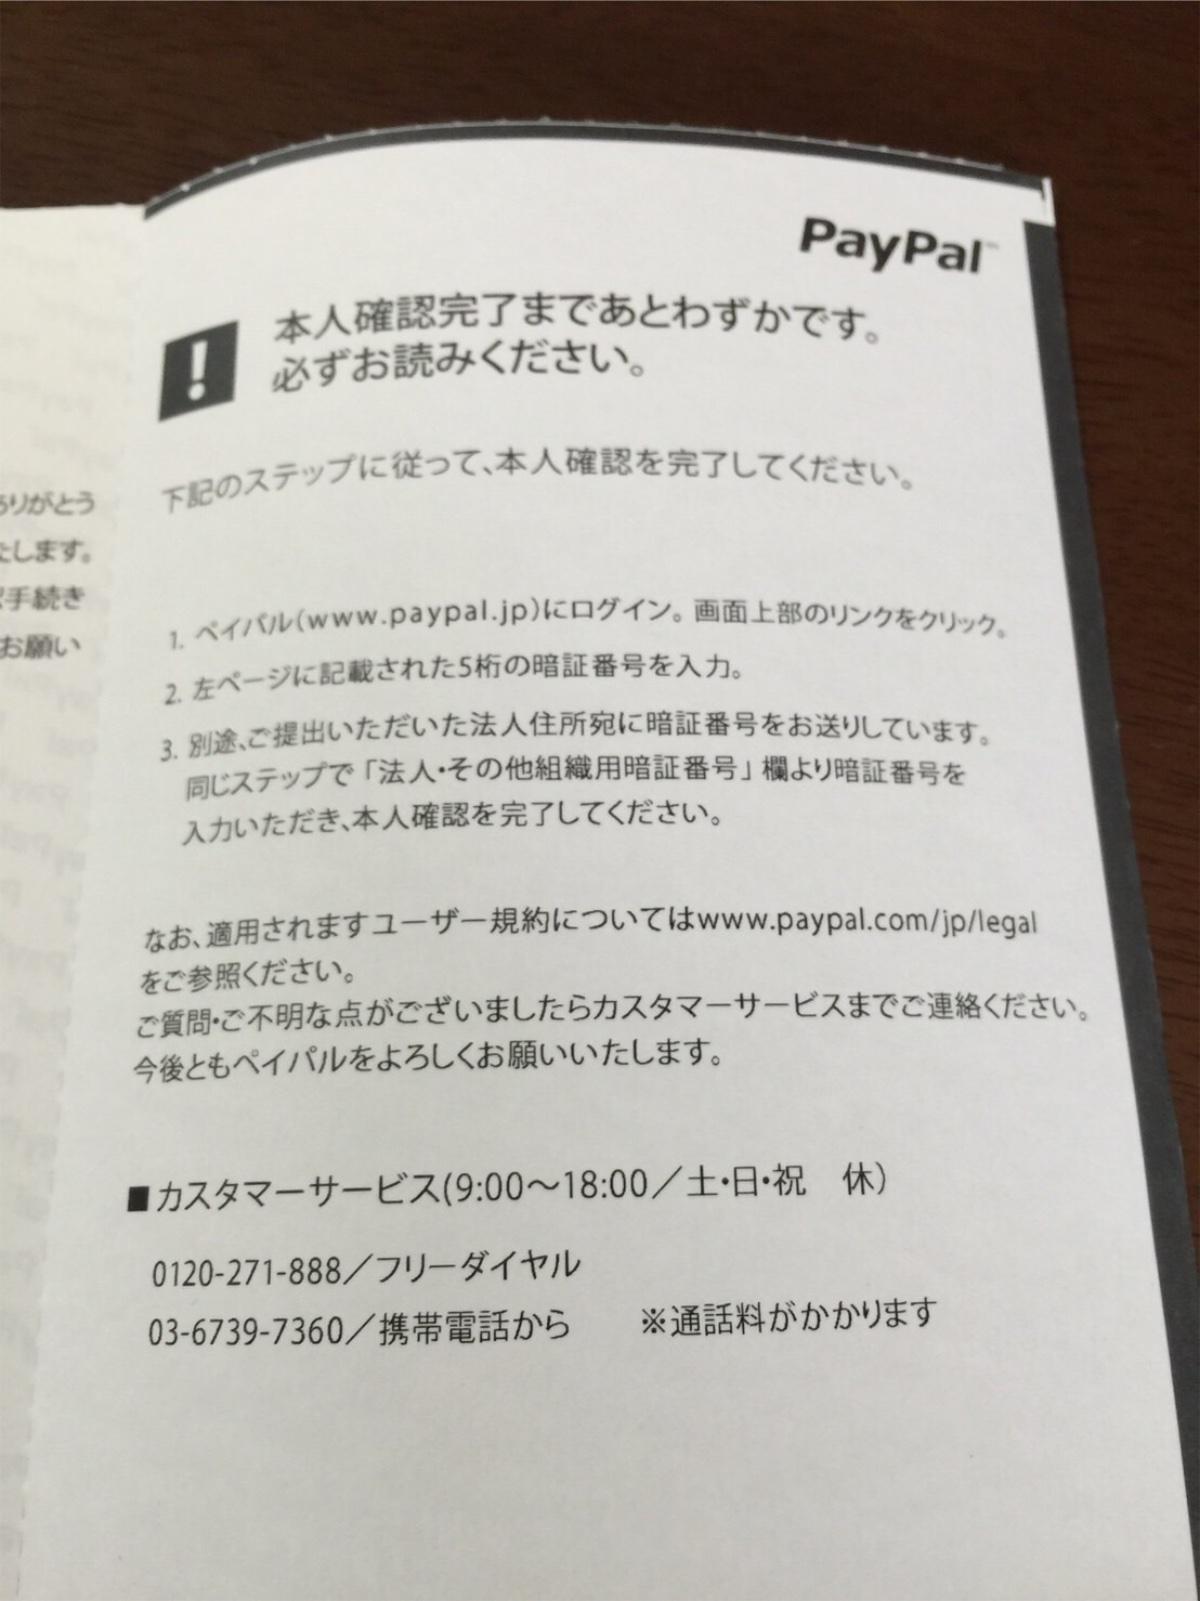 paypal ビジネス